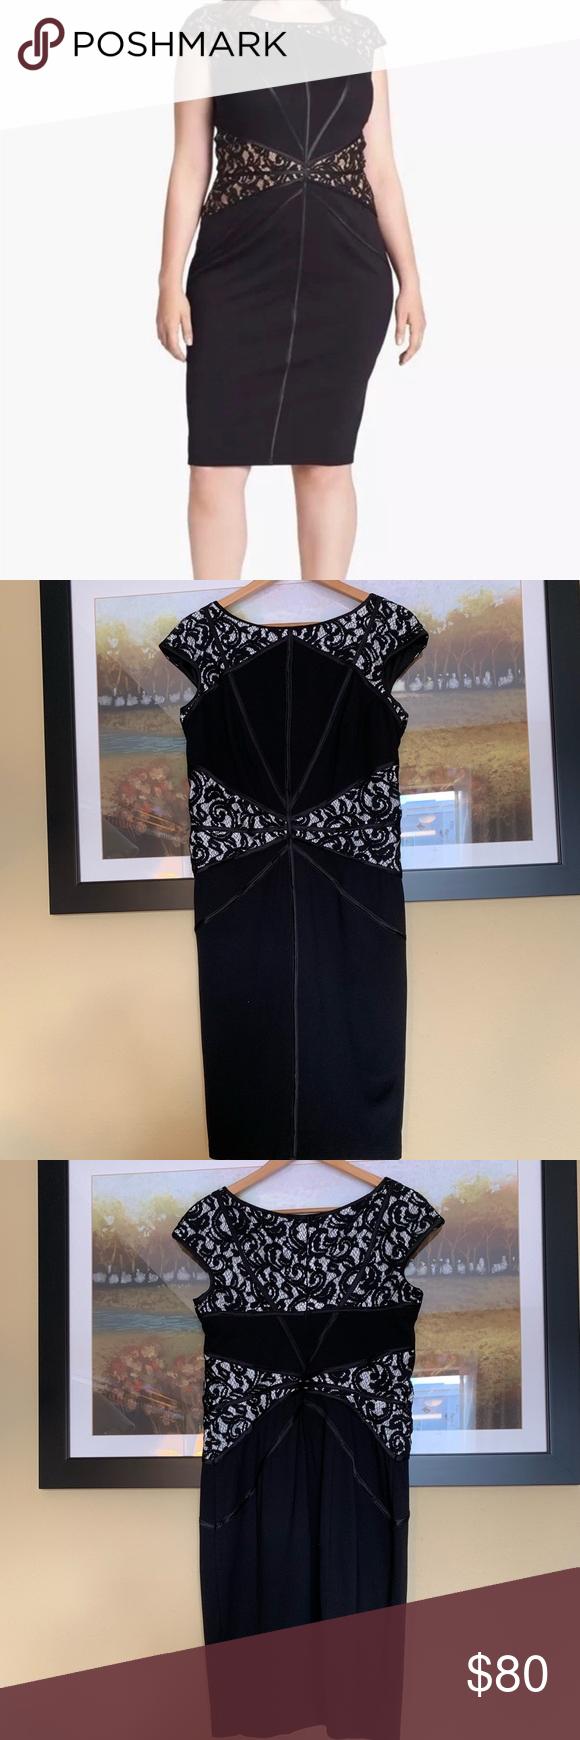 Tadashi Shoji Black White Lace Leather Dress Xl Beautiful Black Dresses Leather Dresses Dresses [ 1740 x 580 Pixel ]